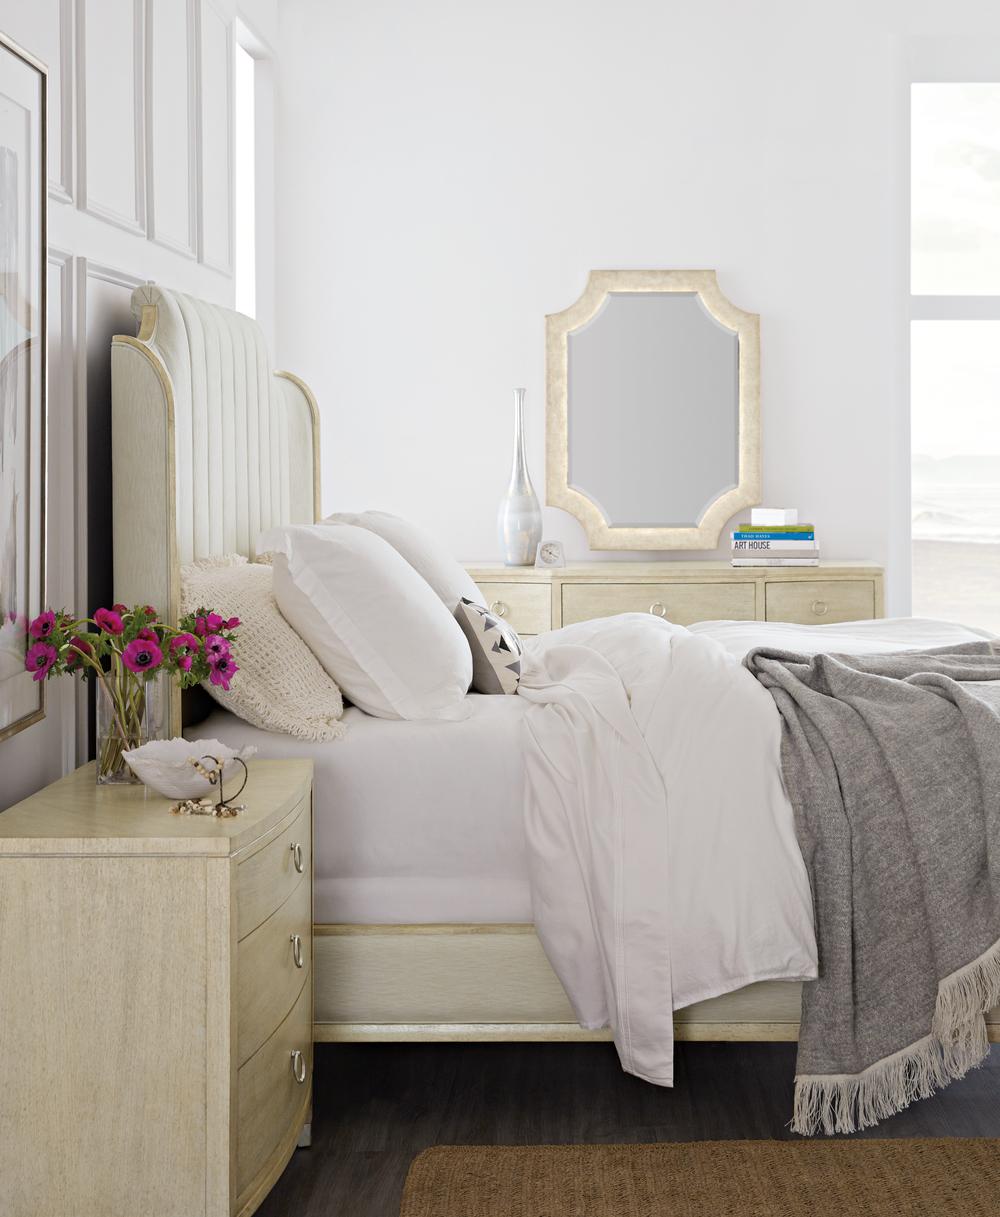 Hooker Furniture - Mirada King Upholstered Bed